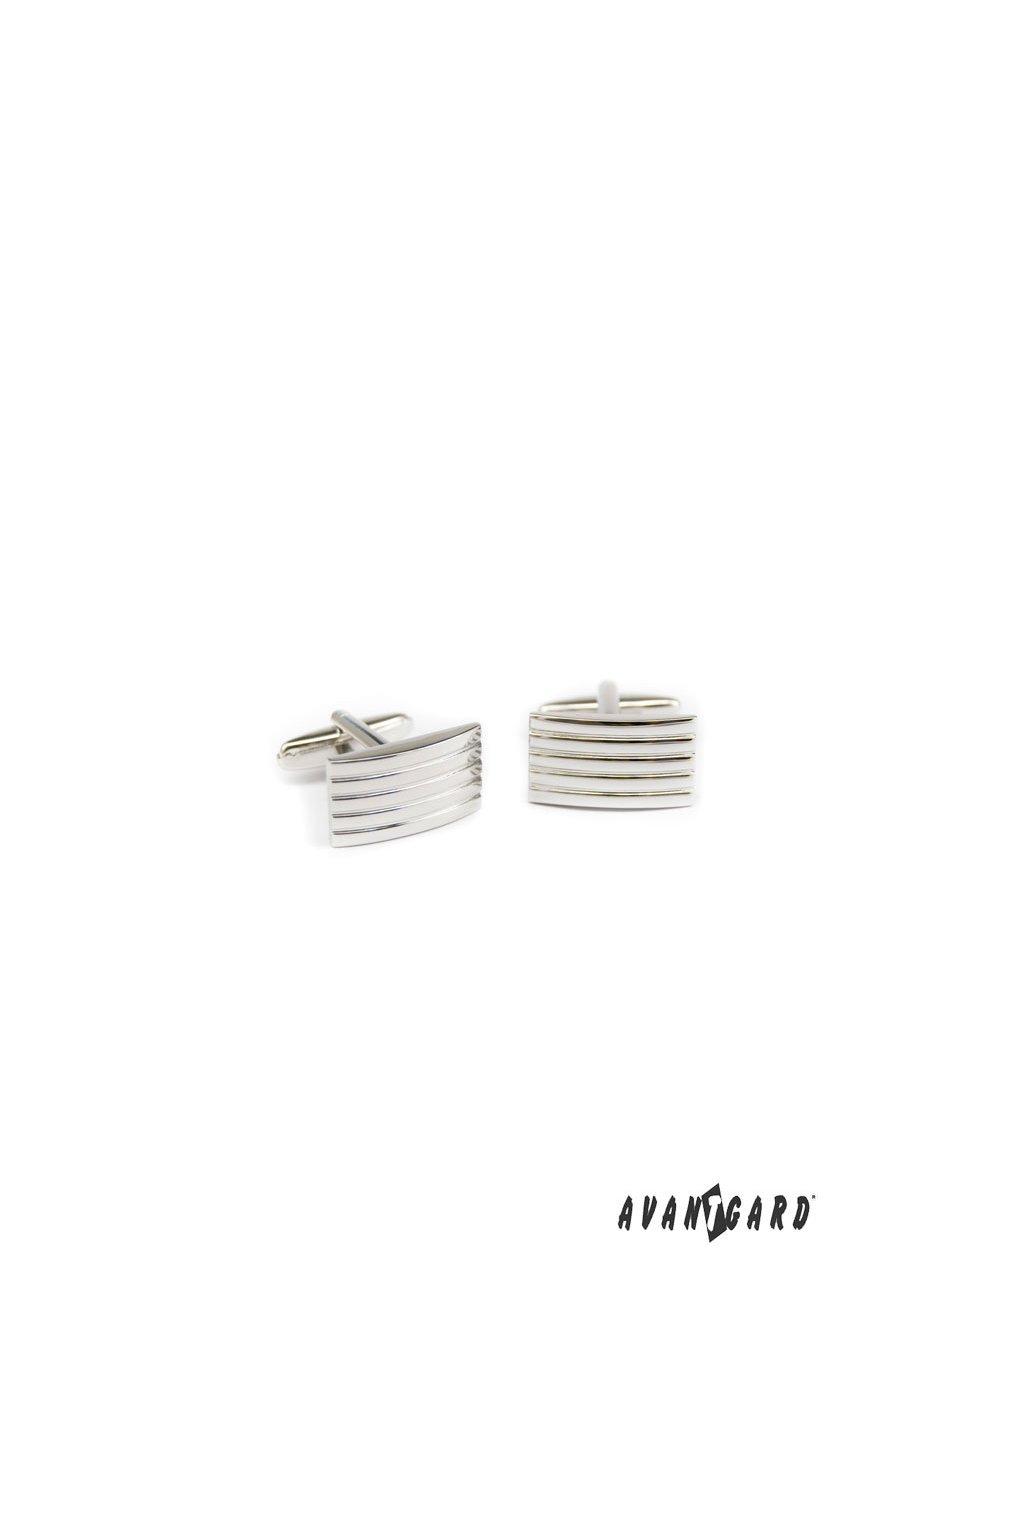 Manžetové knoflíčky PREMIUM stříbrná lesk 573 - 20500